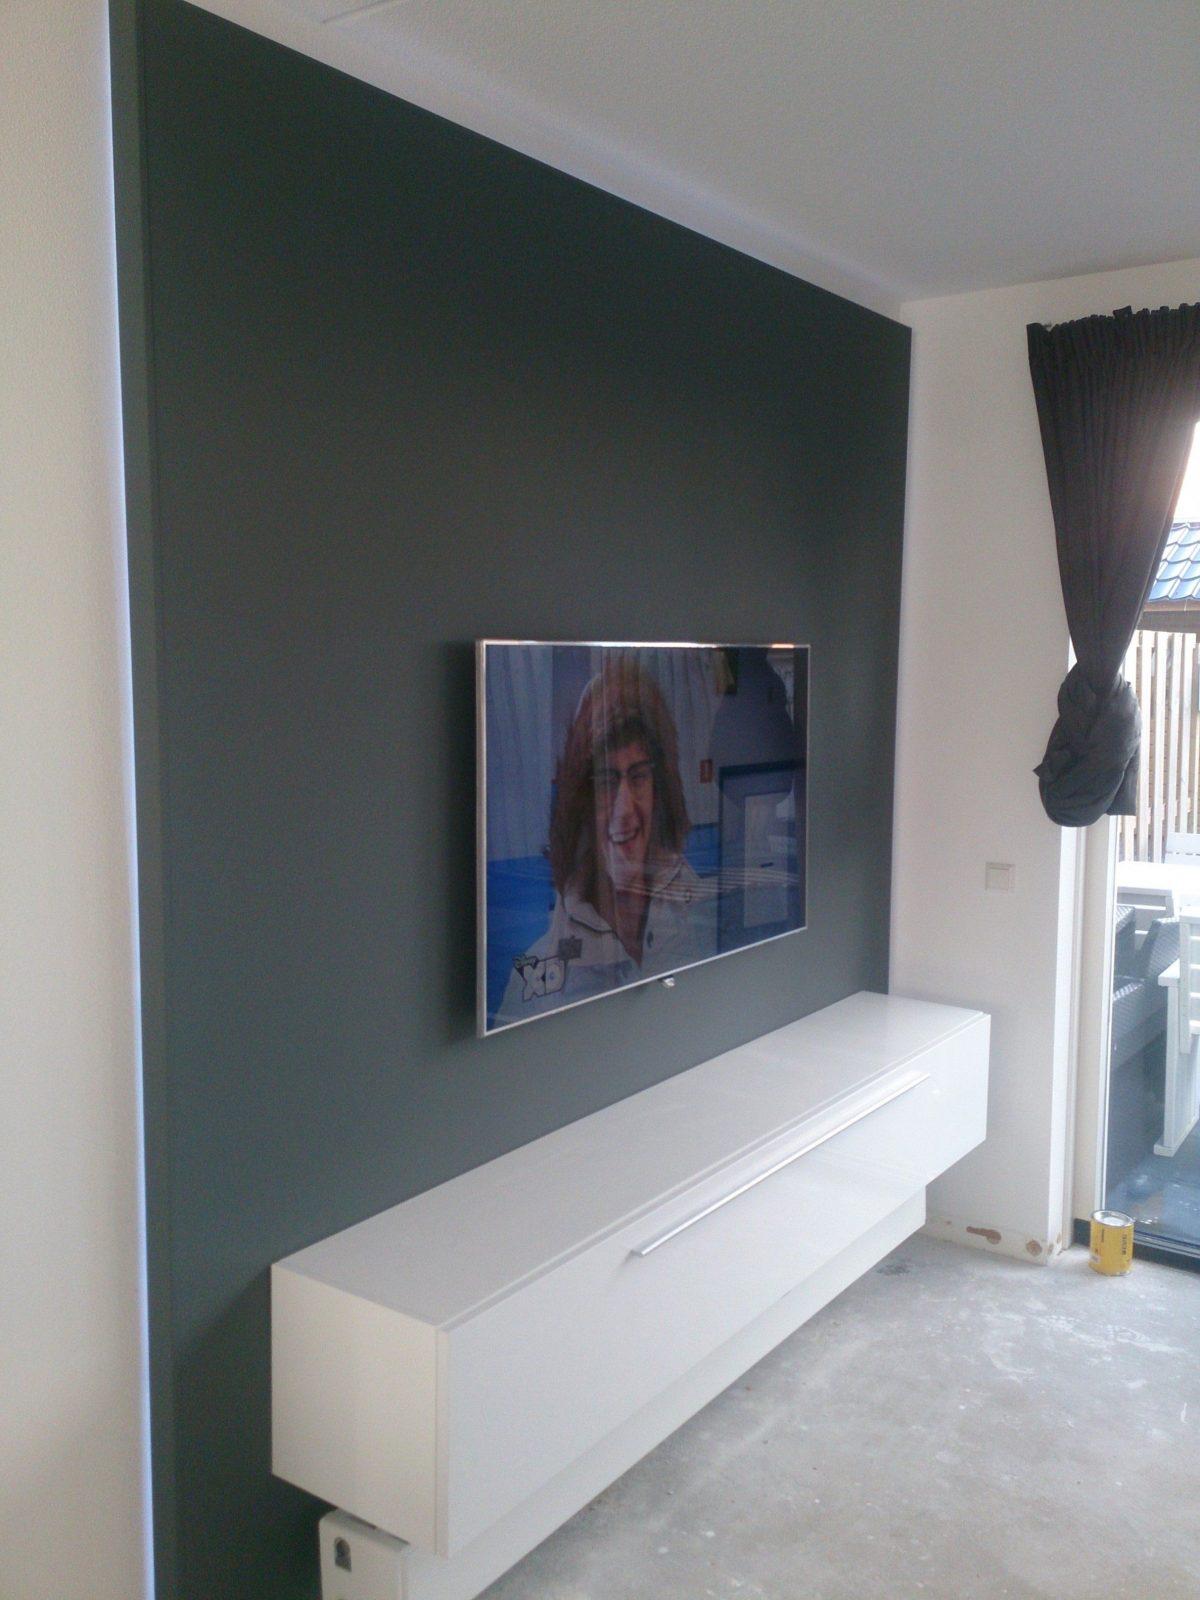 Beliebt Tv Wand Selber Bauen Ikea Zum Wandschrank Selber Bauen von Tv Wand Selber Bauen Ikea Bild